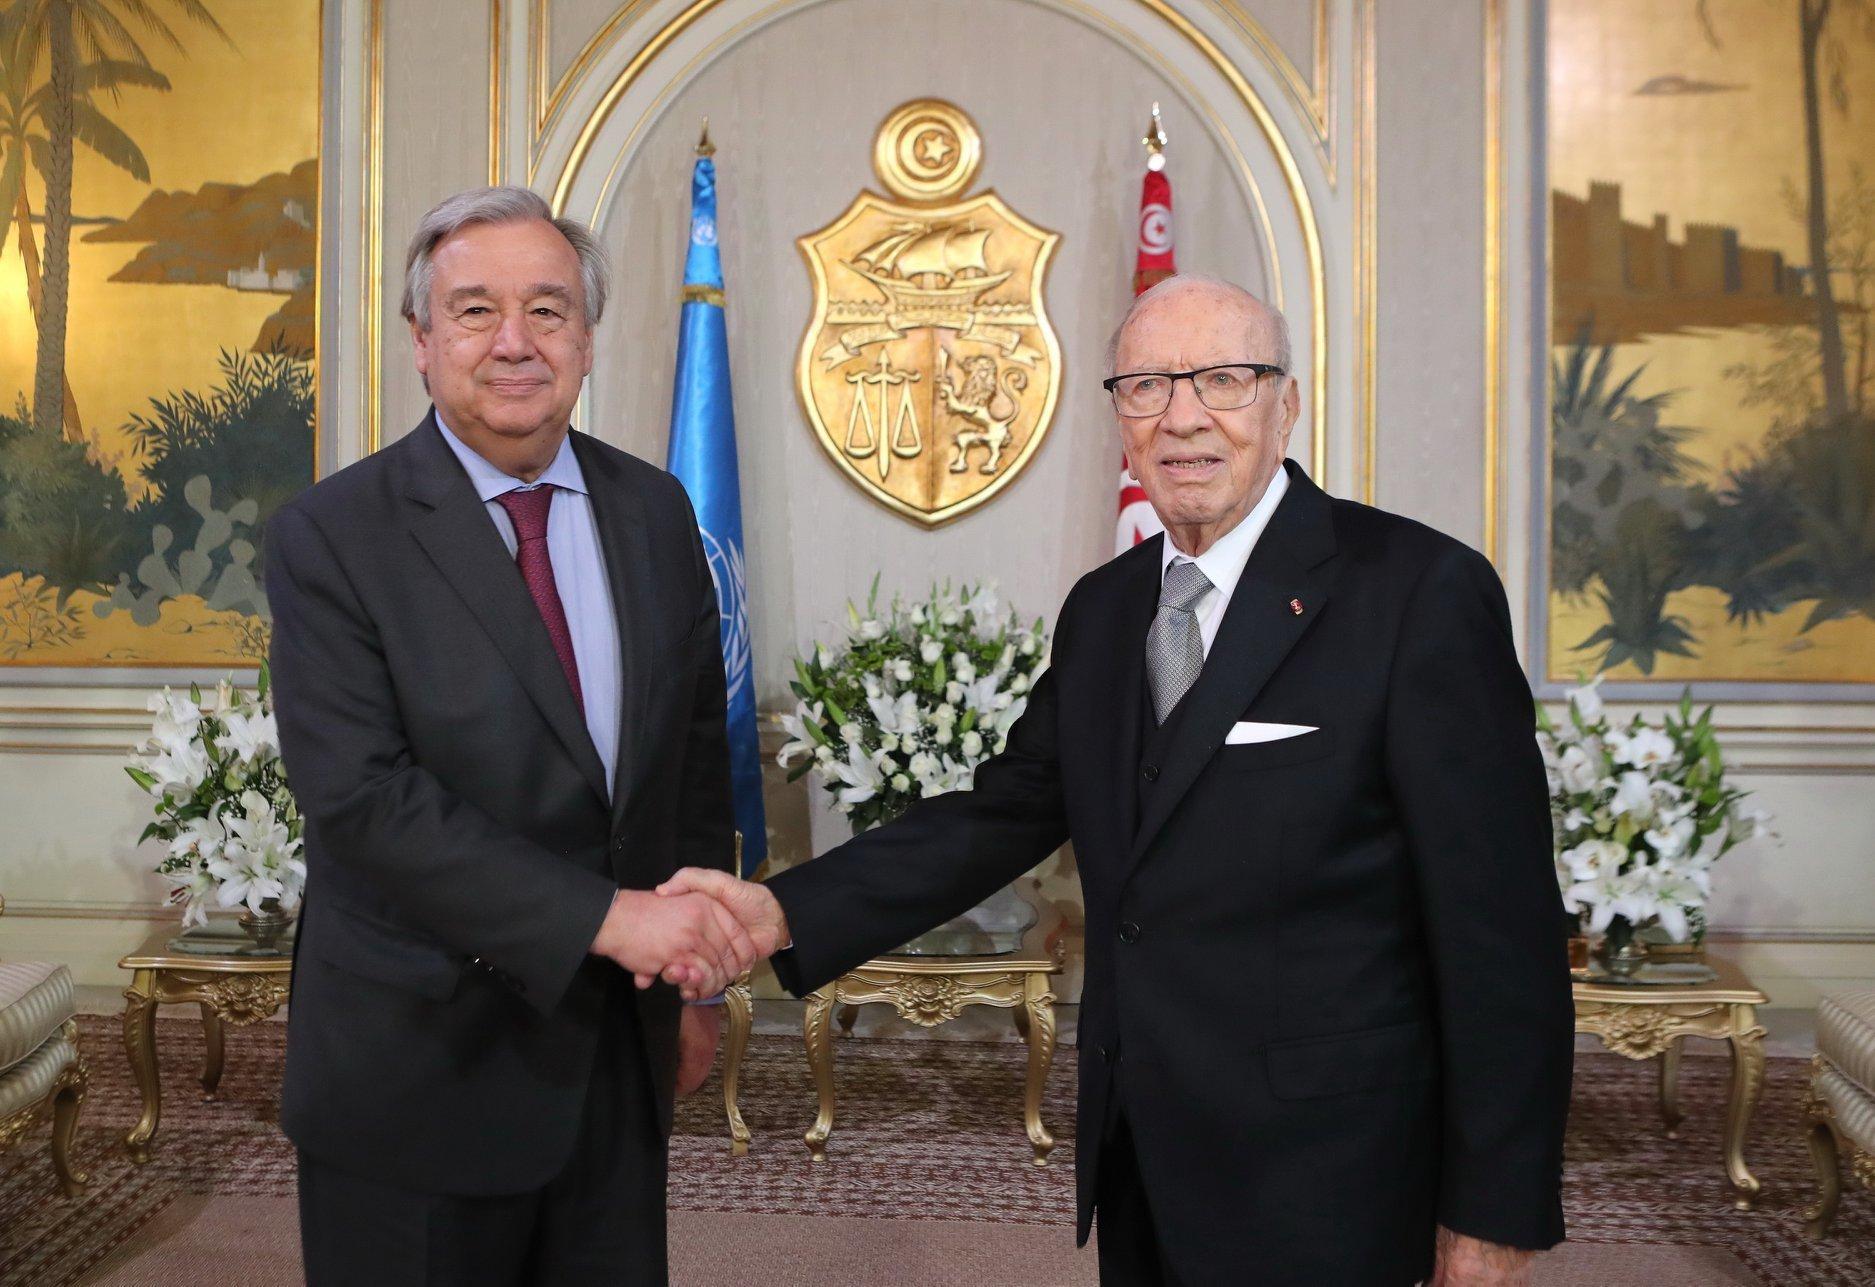 Le Secrétaire Général de l'ONU salue les acquis de l'expérience démocratique tunisienne malgré un contexte régional